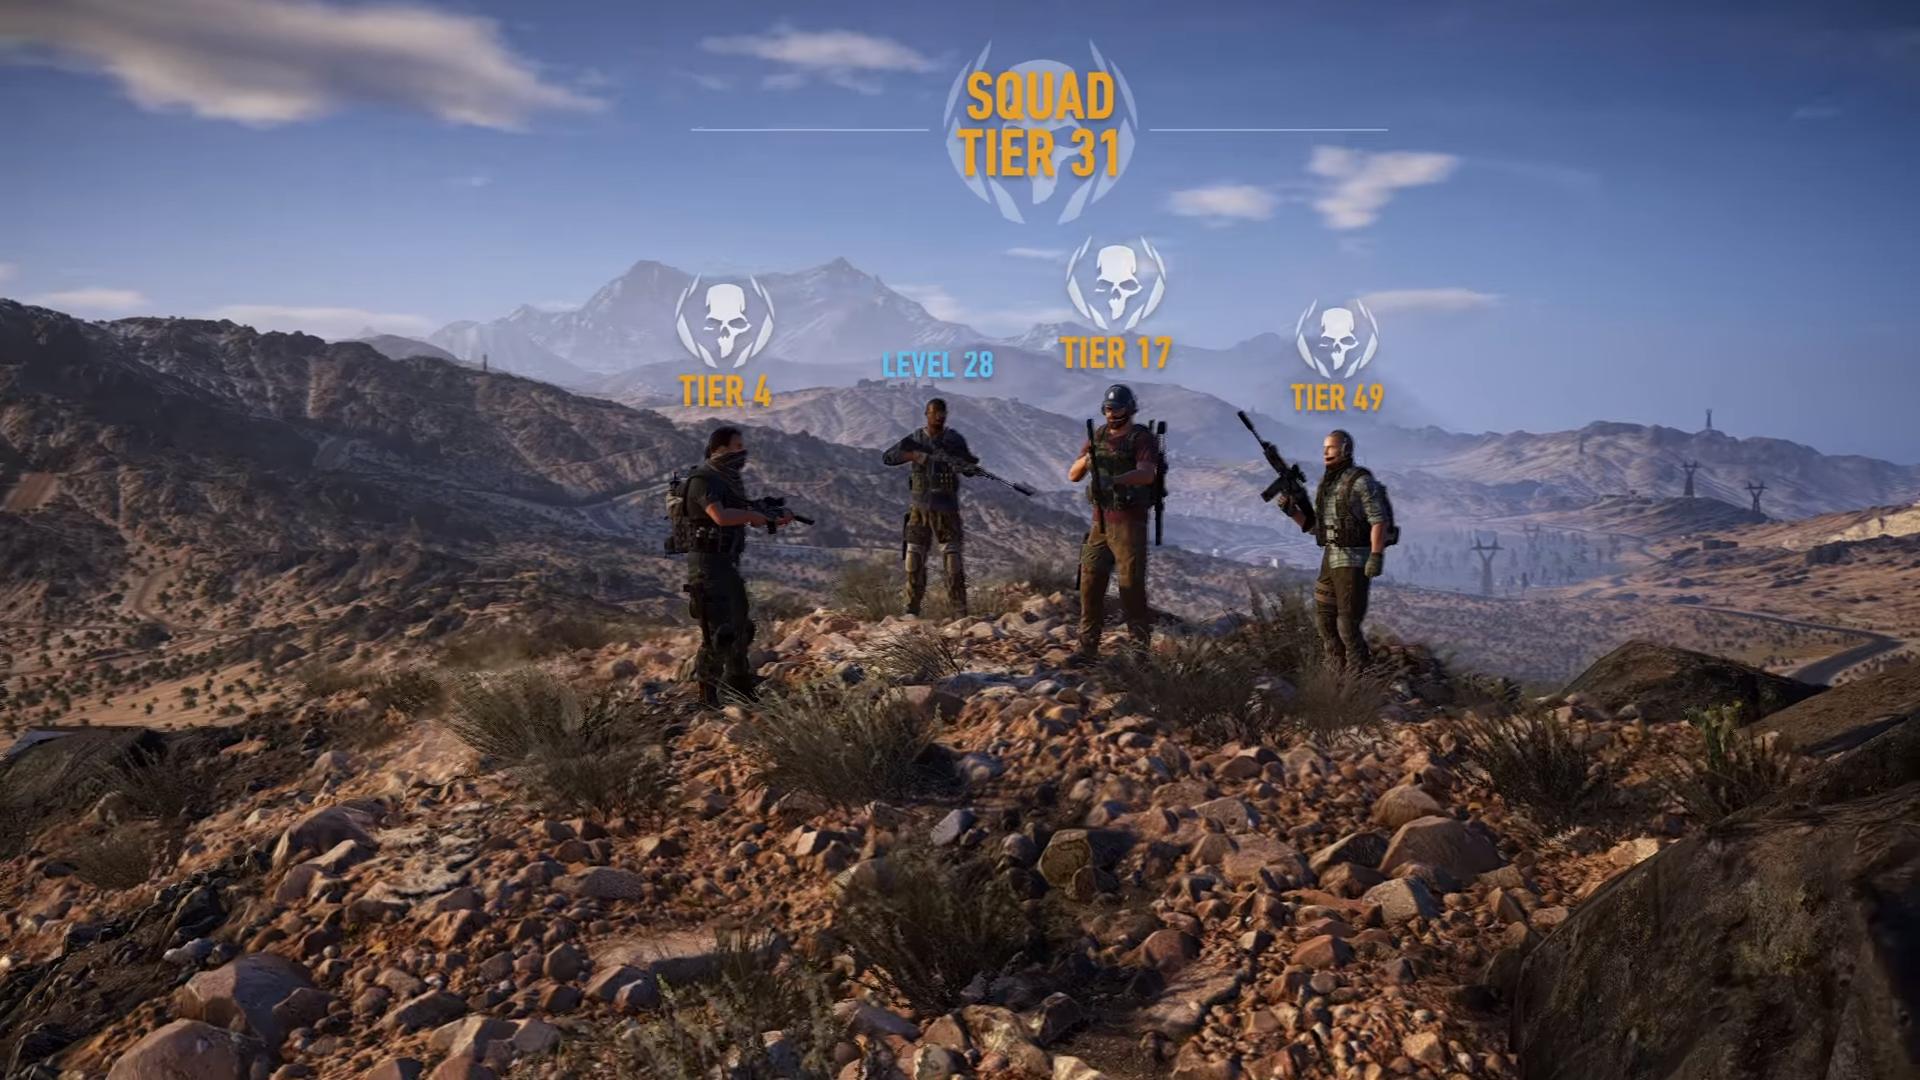 ghost recon wildlands tier 1 mode coop